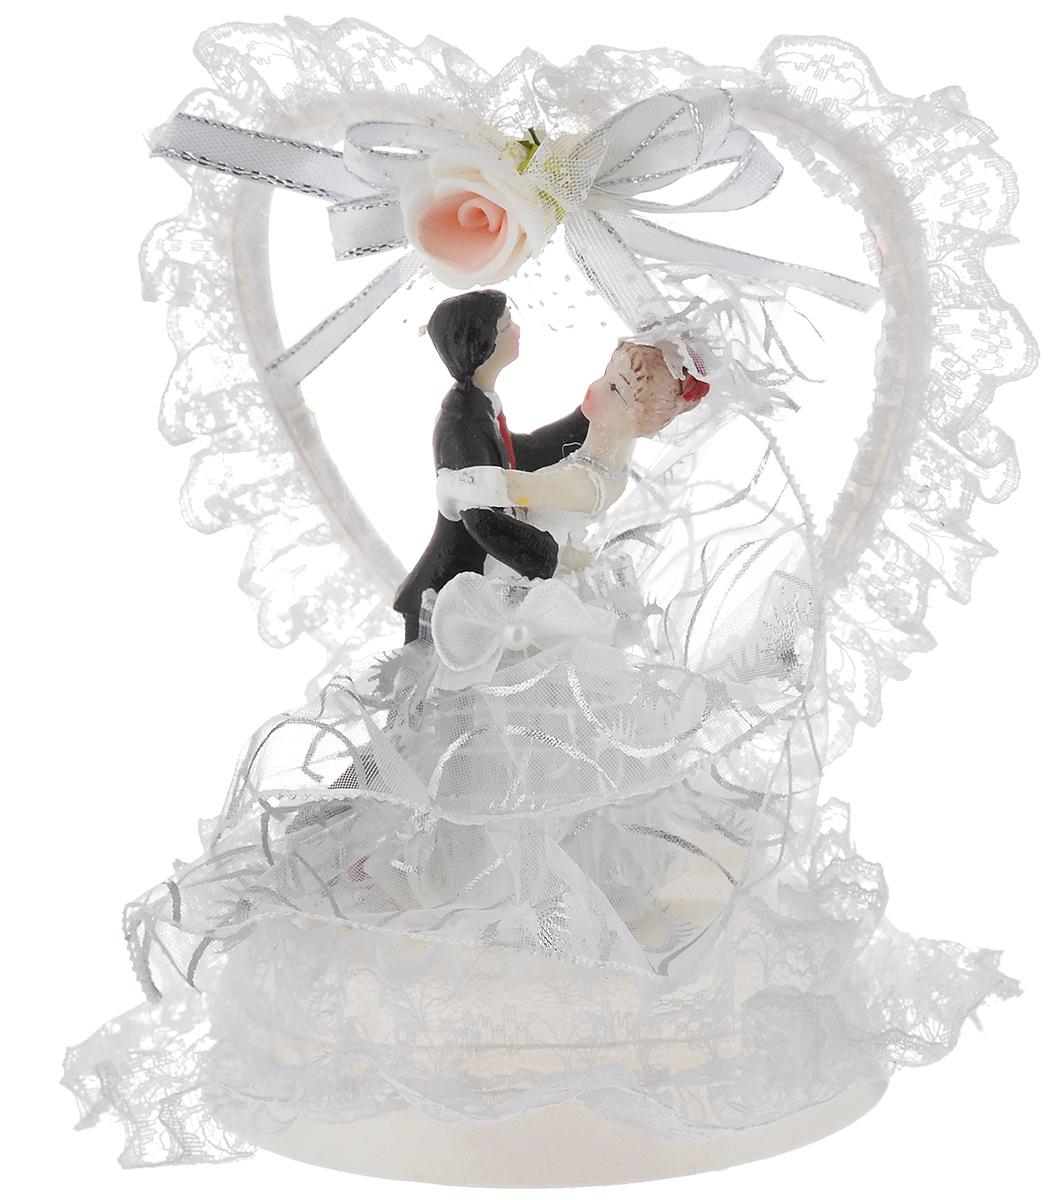 Фигурка декоративная Win Max Жених и невеста, 14 см27905Декоративная фигурка Win Max Жених и невеста изготовлена из полистоуна и текстиля. Изделие представляет собой круглую подставку с фигурками жениха и невесты, украшенных тесьмой. Такая фигурка идеально впишется в свадебный интерьер и будет радовать вас своим видом в самый важный день в вашей жизни. Высота фигурки: 14 см.